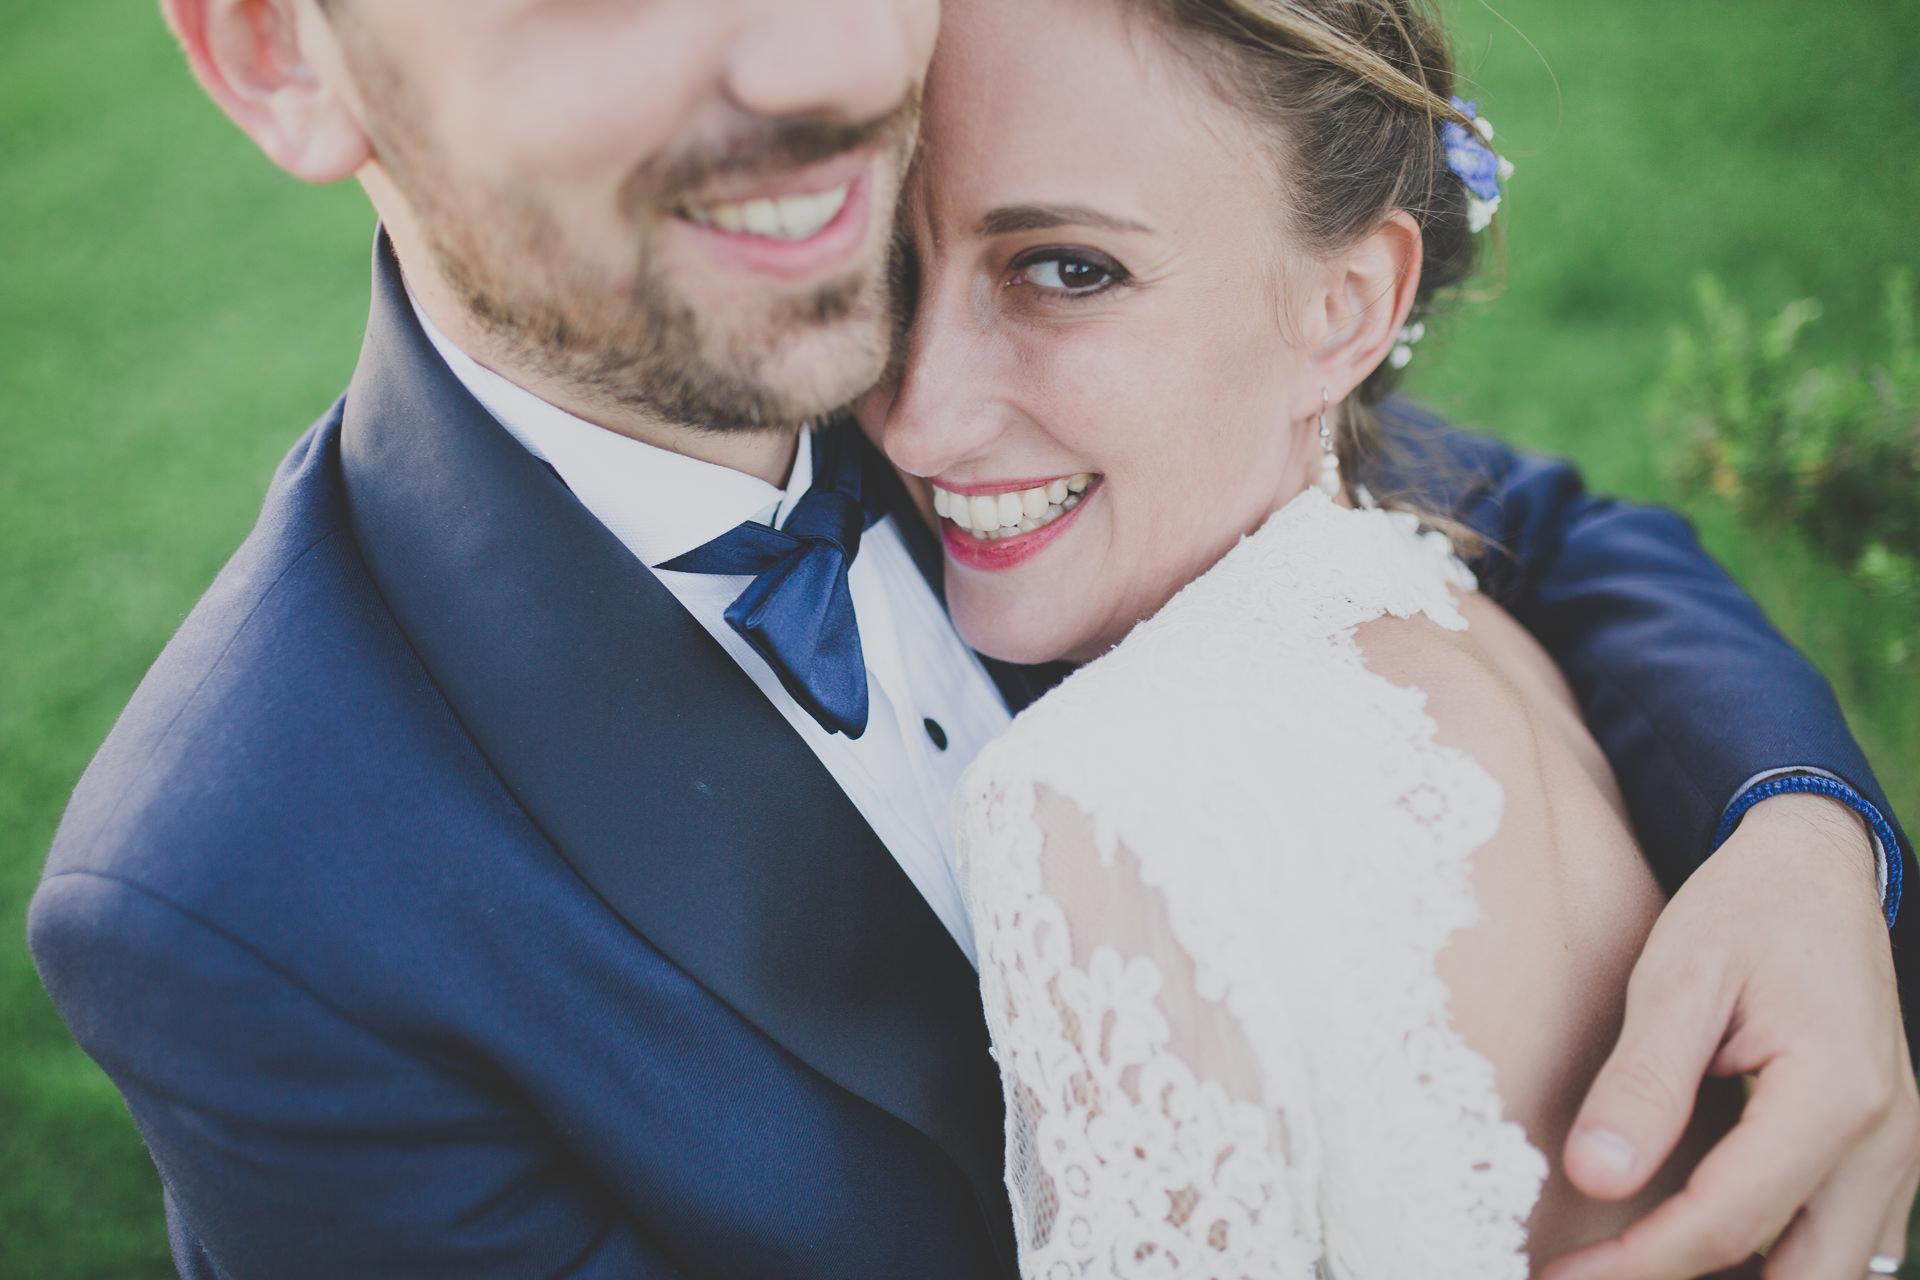 steven bassilieaux wedding photographer photographe mariage normandie bordeaux france pressoire de tourgeville fun  66.jpg